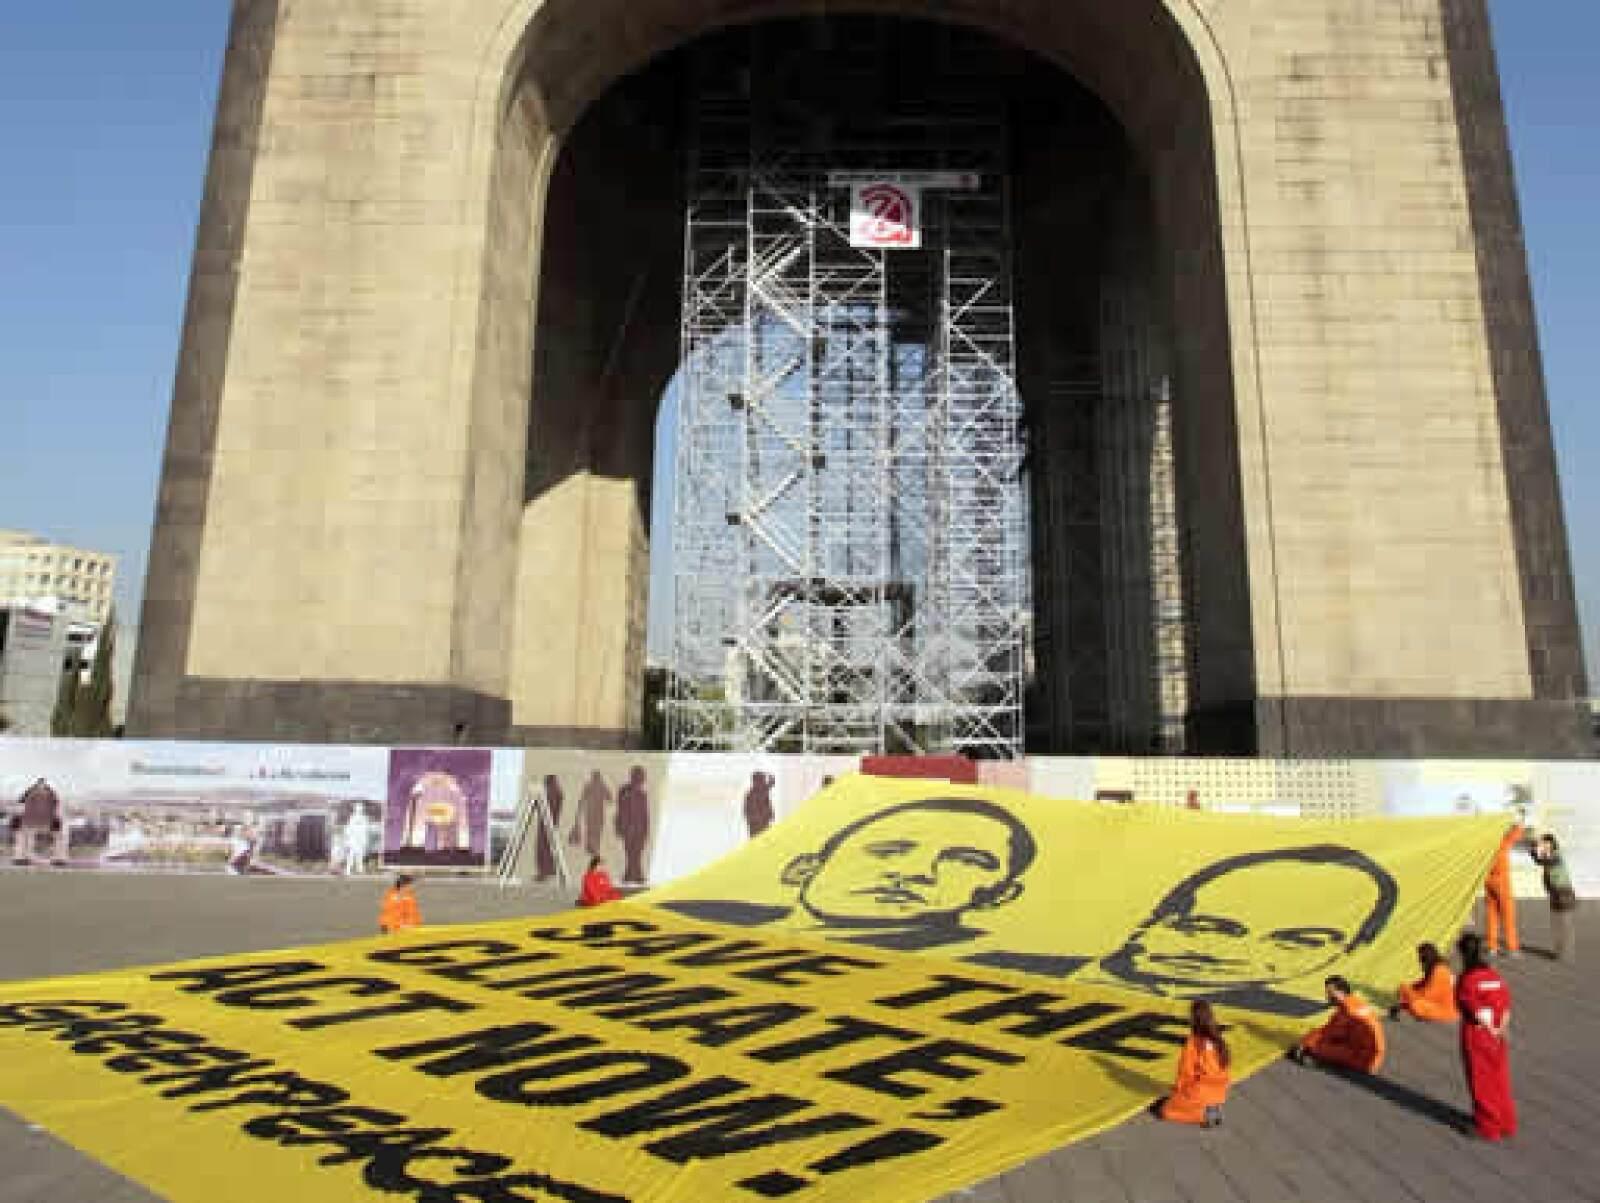 """Uno 20 integrantes de Greenpeace México intentaron colocar una manta en el Monumento a la Revolución con la leyenda """"Save the climate, act now"""" (Salven el clima, actúen ahora)."""